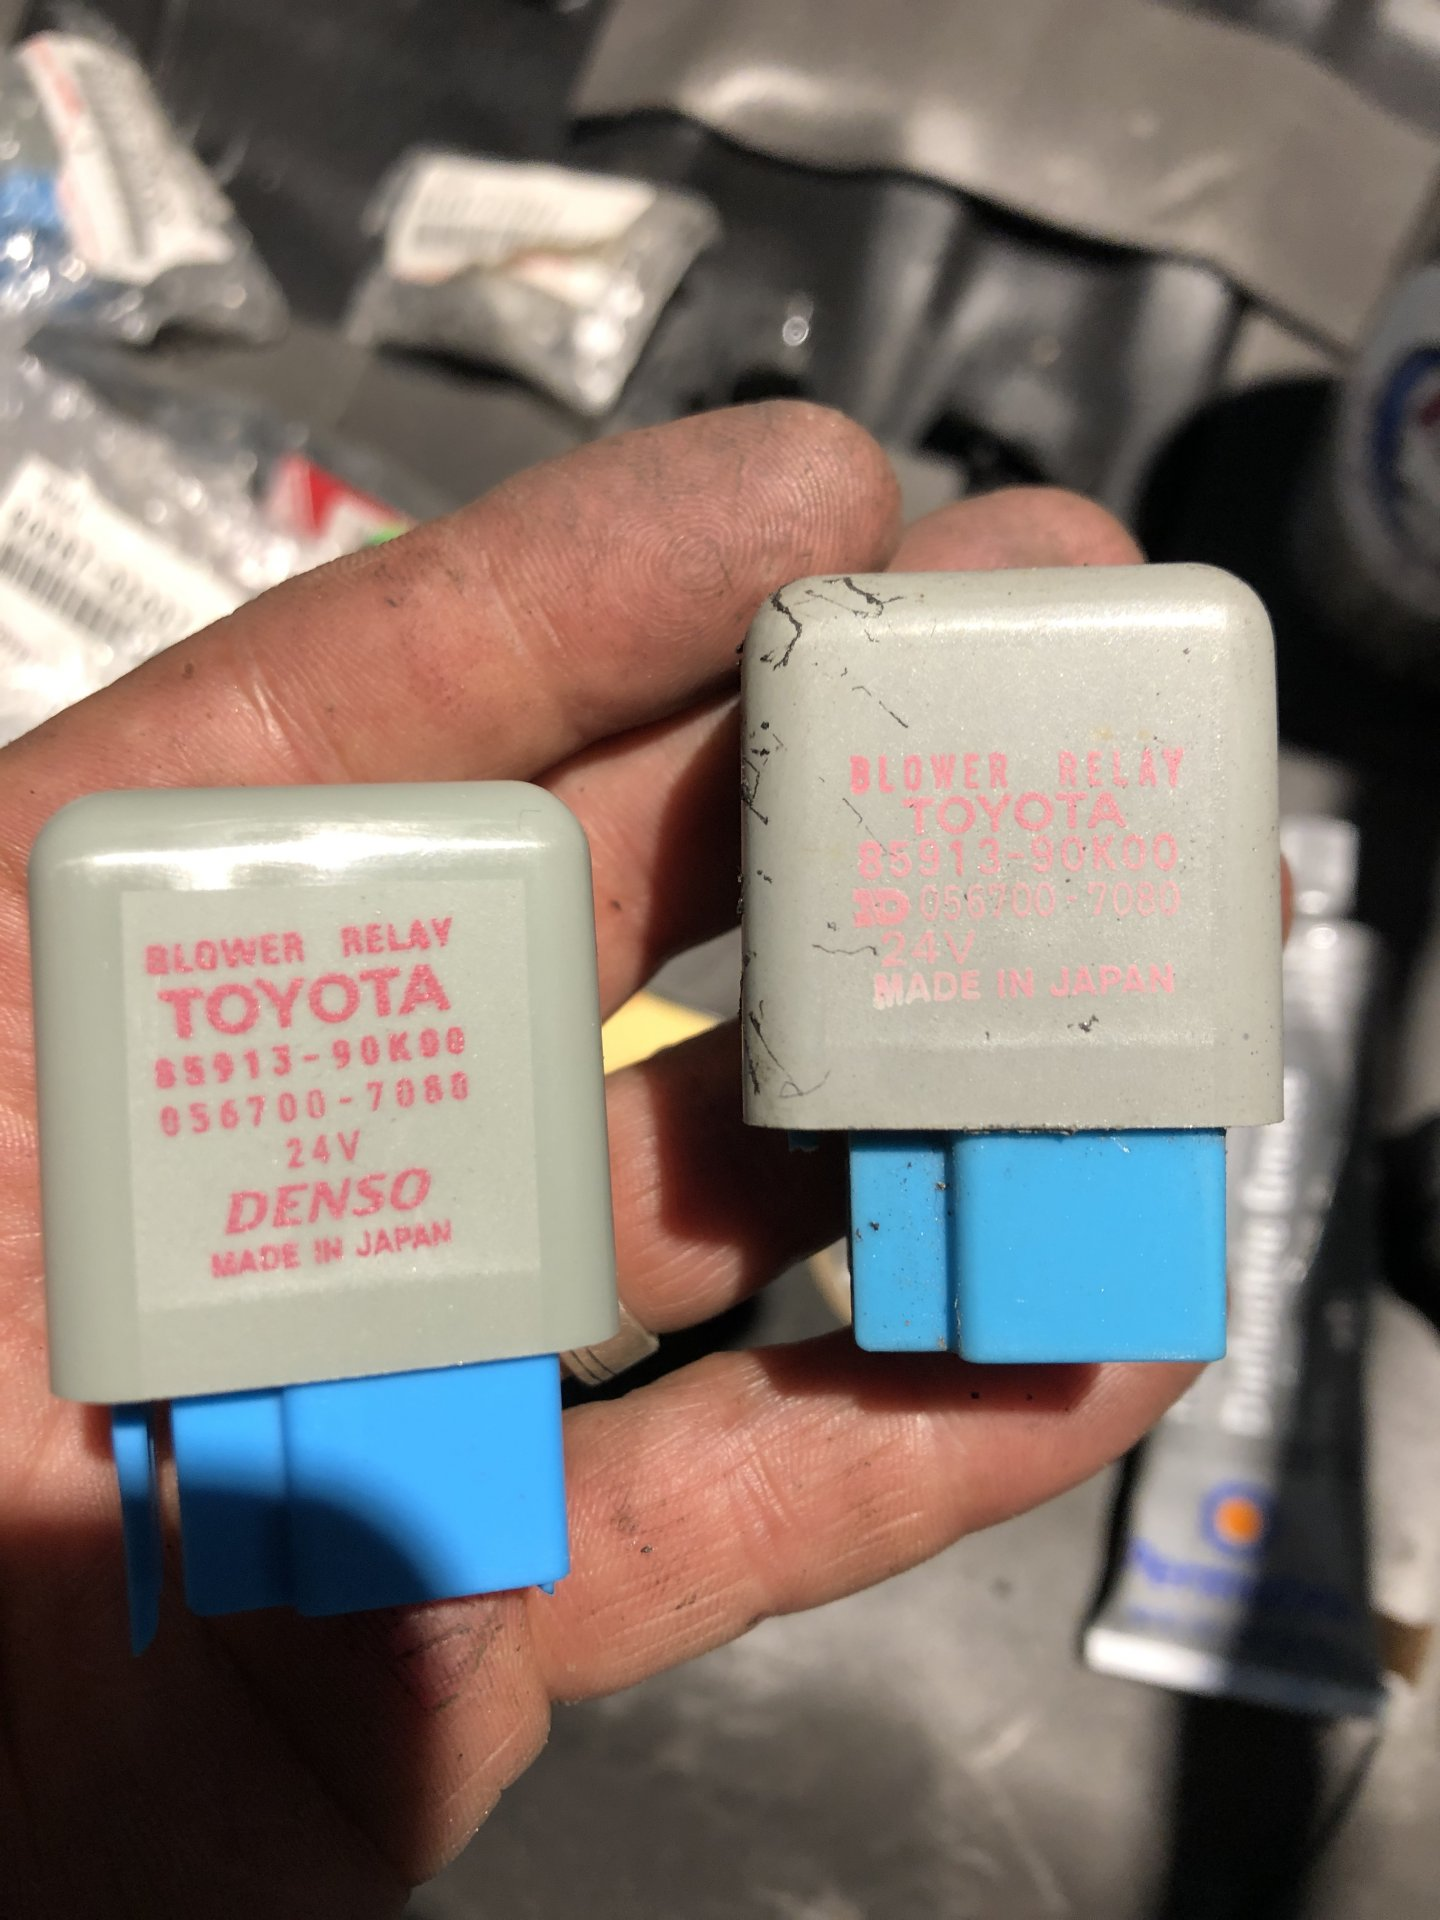 9950A4CE-6916-4A24-A7FC-58EBD3FD853C.jpeg